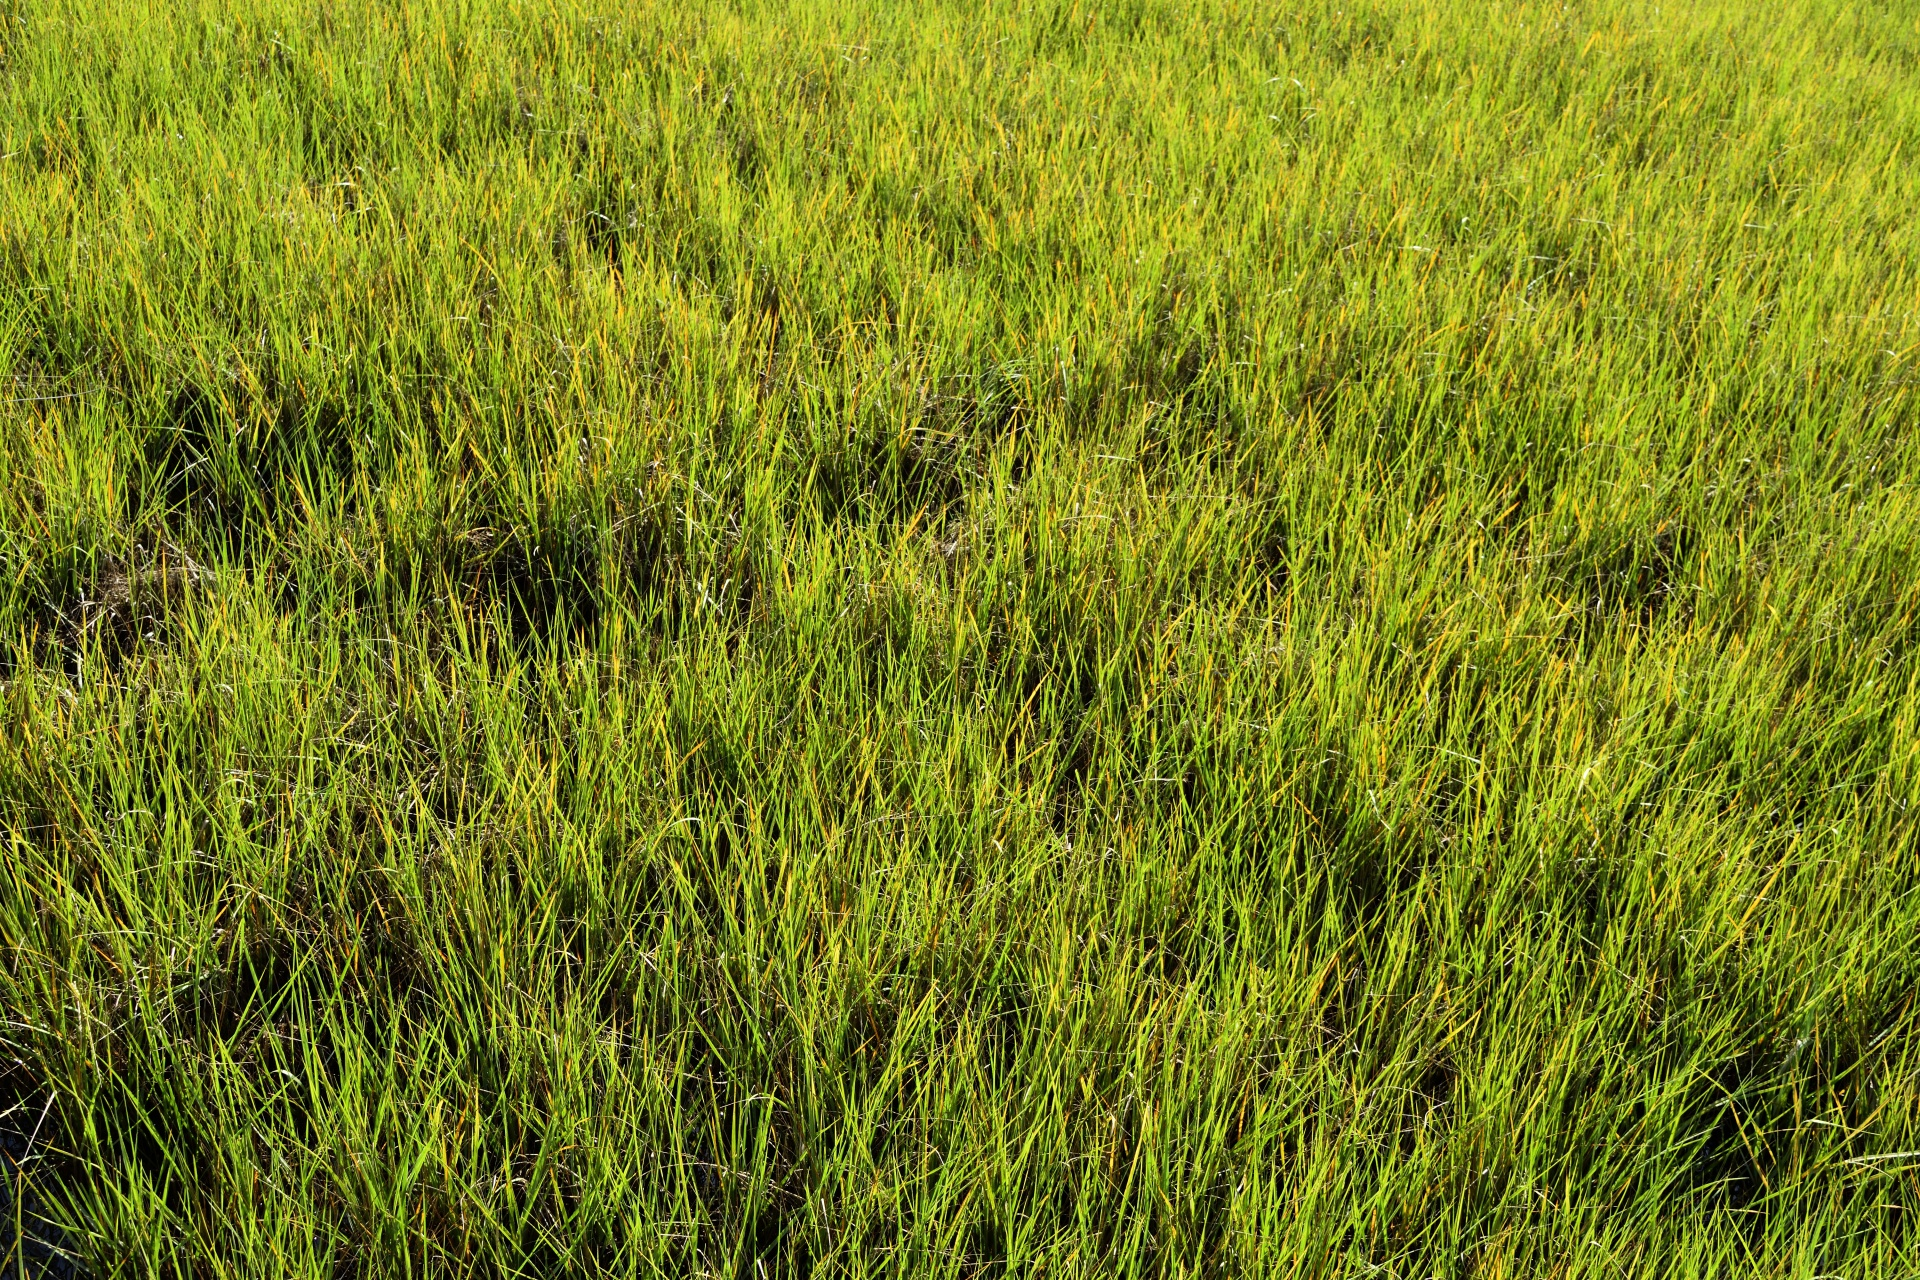 swamp-grass